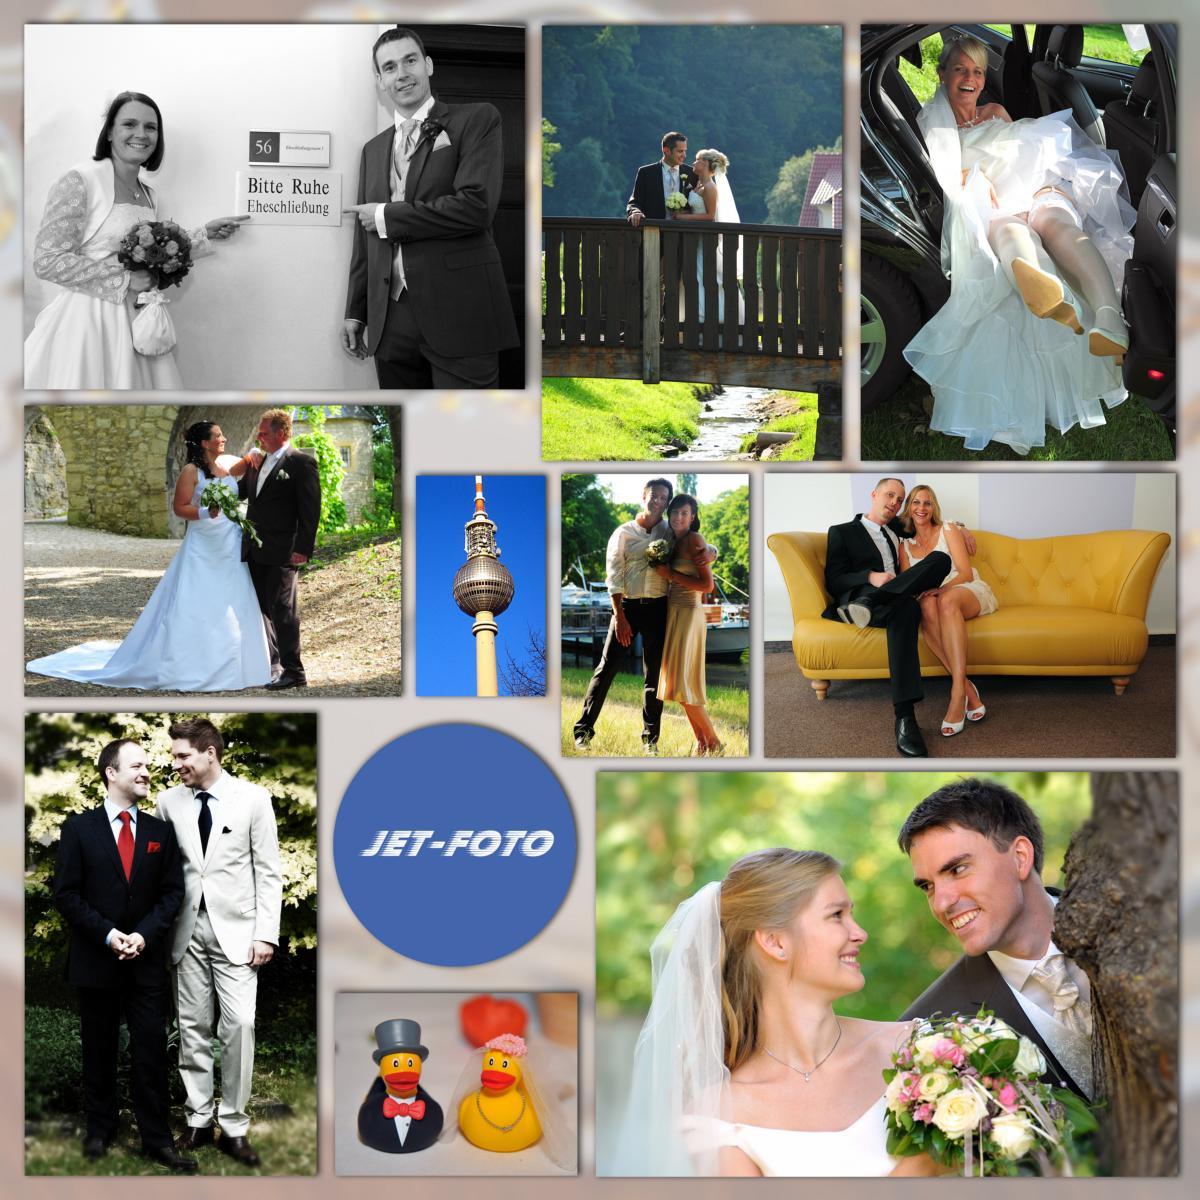 JET-FOTO-die besten Hochzeitsfotos